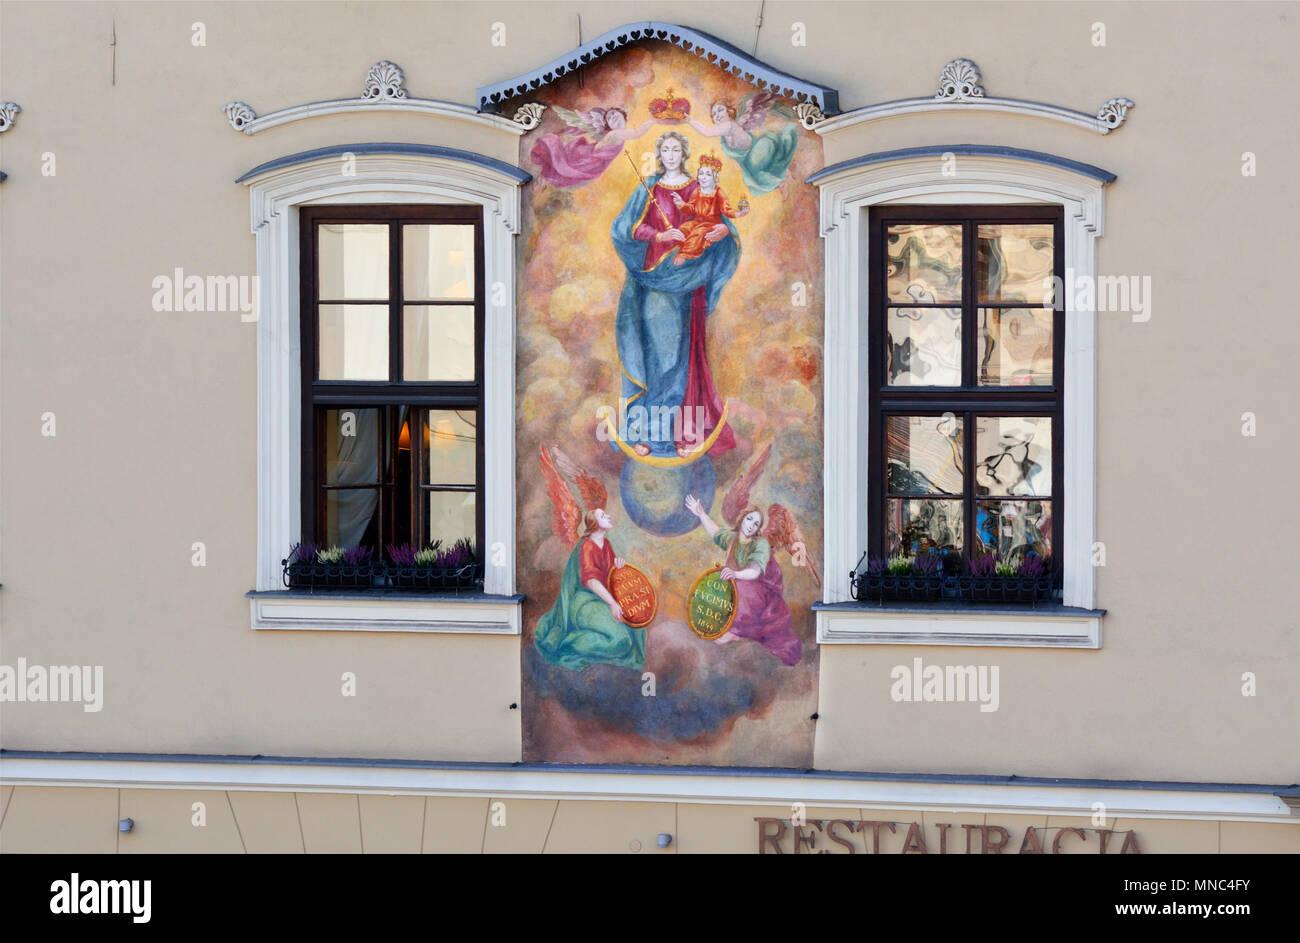 Detalle de una casa que representa a la Virgen María, en el casco antiguo de Cracovia, un sitio del Patrimonio Mundial de la Unesco. Cracovia, Polonia Imagen De Stock